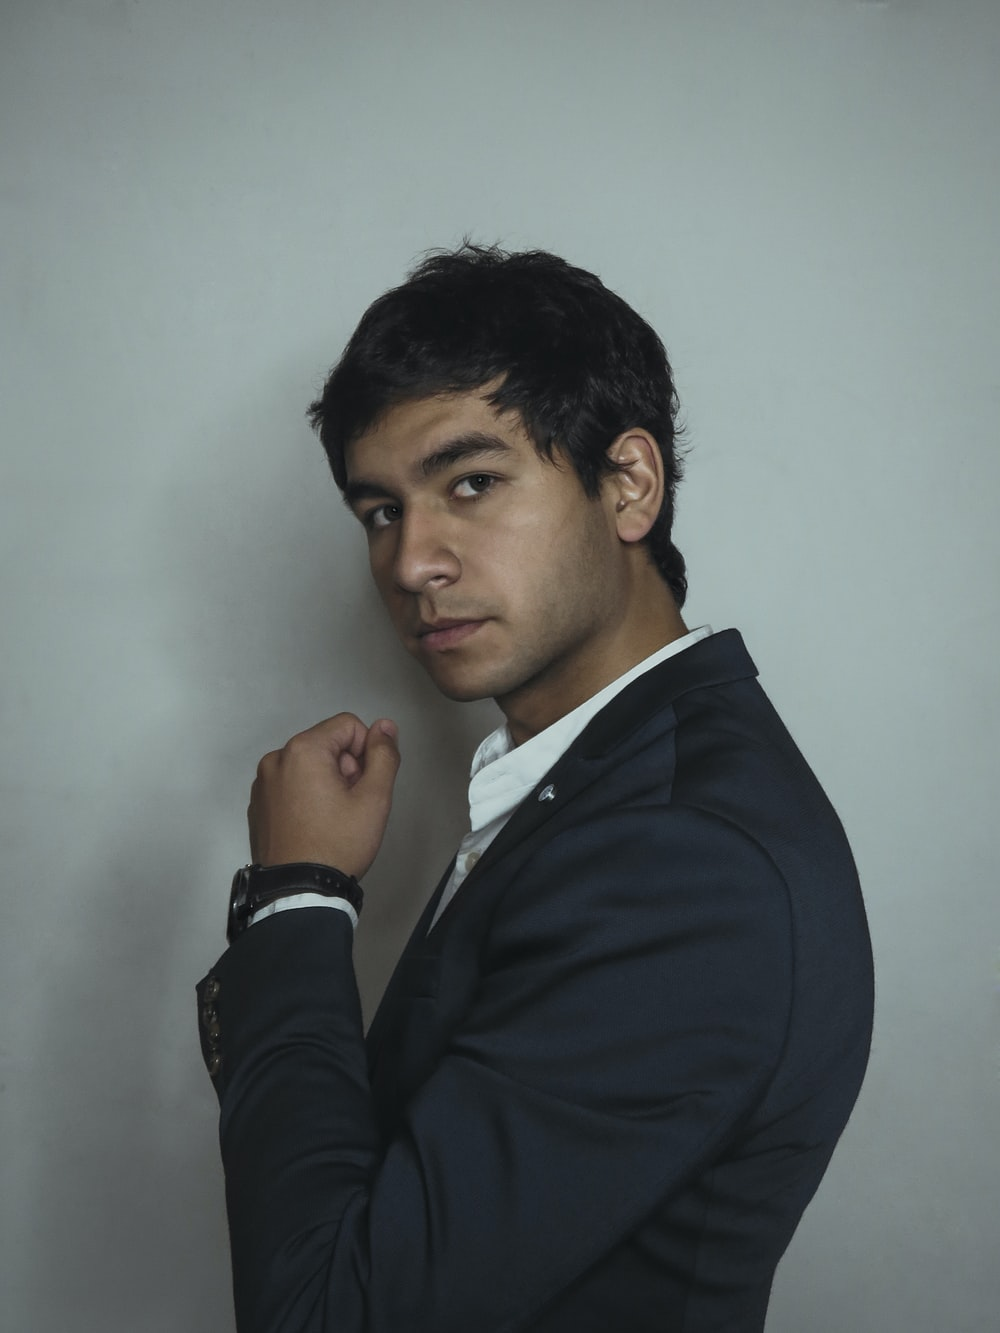 man in black suit beside wall